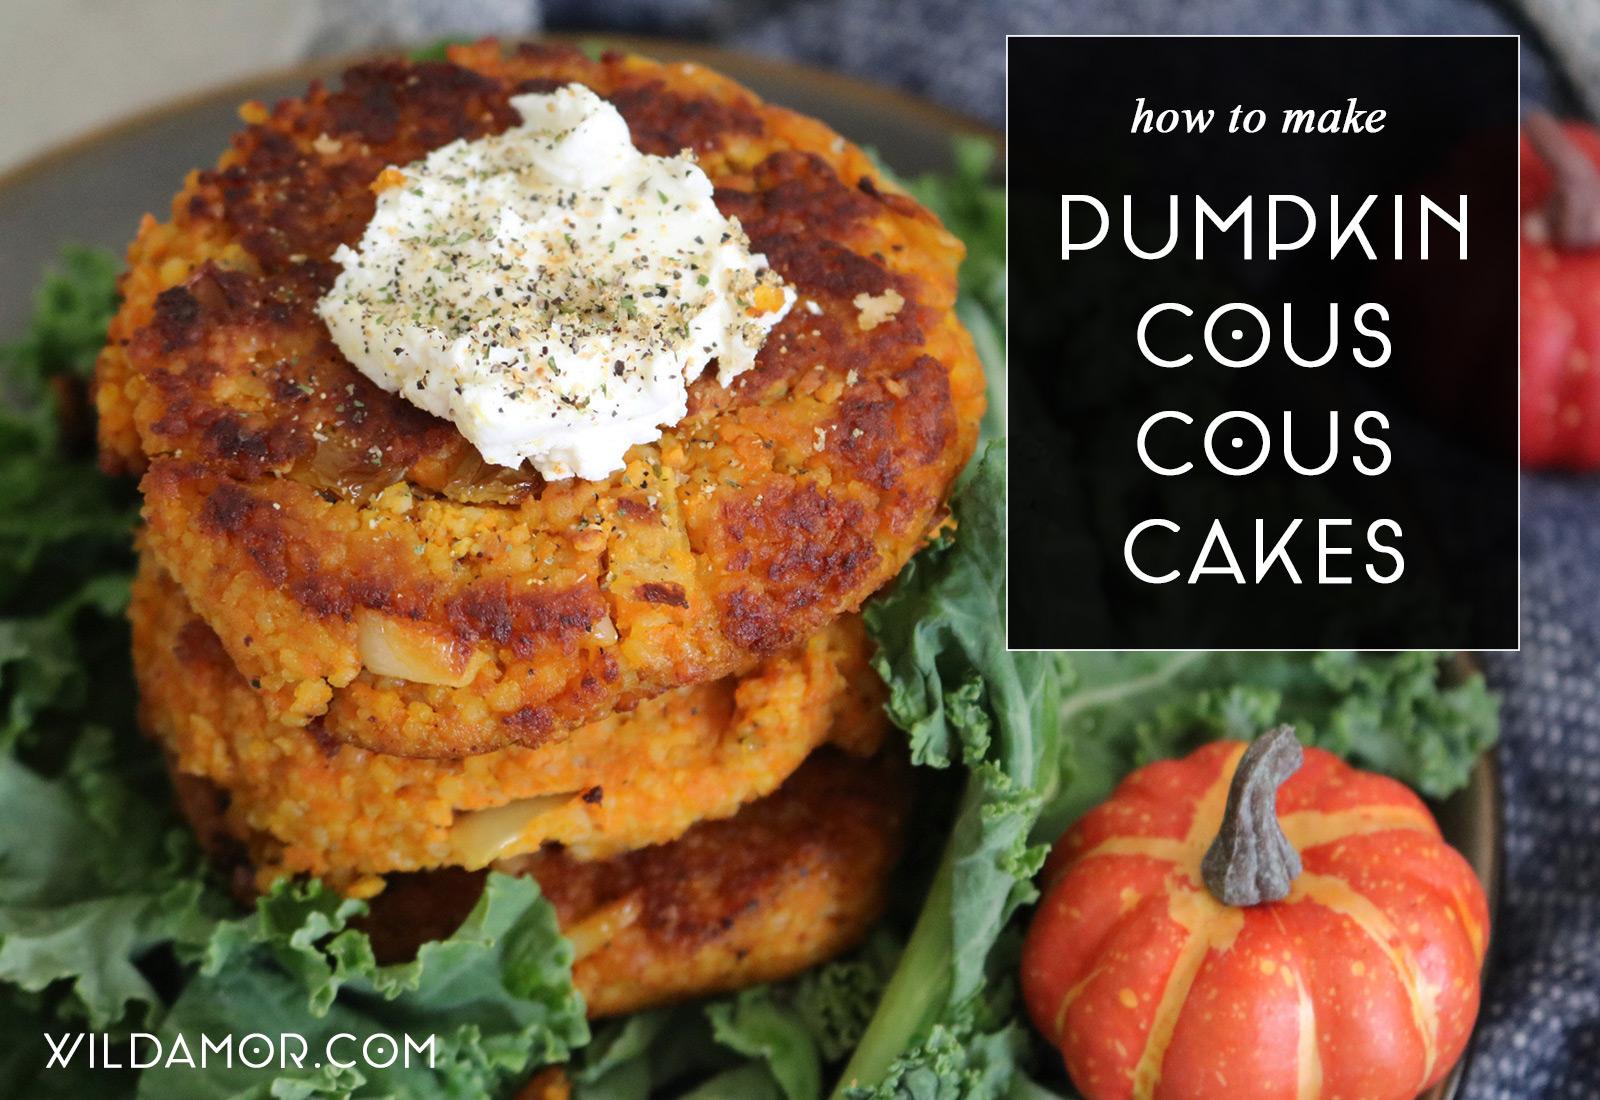 Pumpkin Cous Cous Cakes Recipe